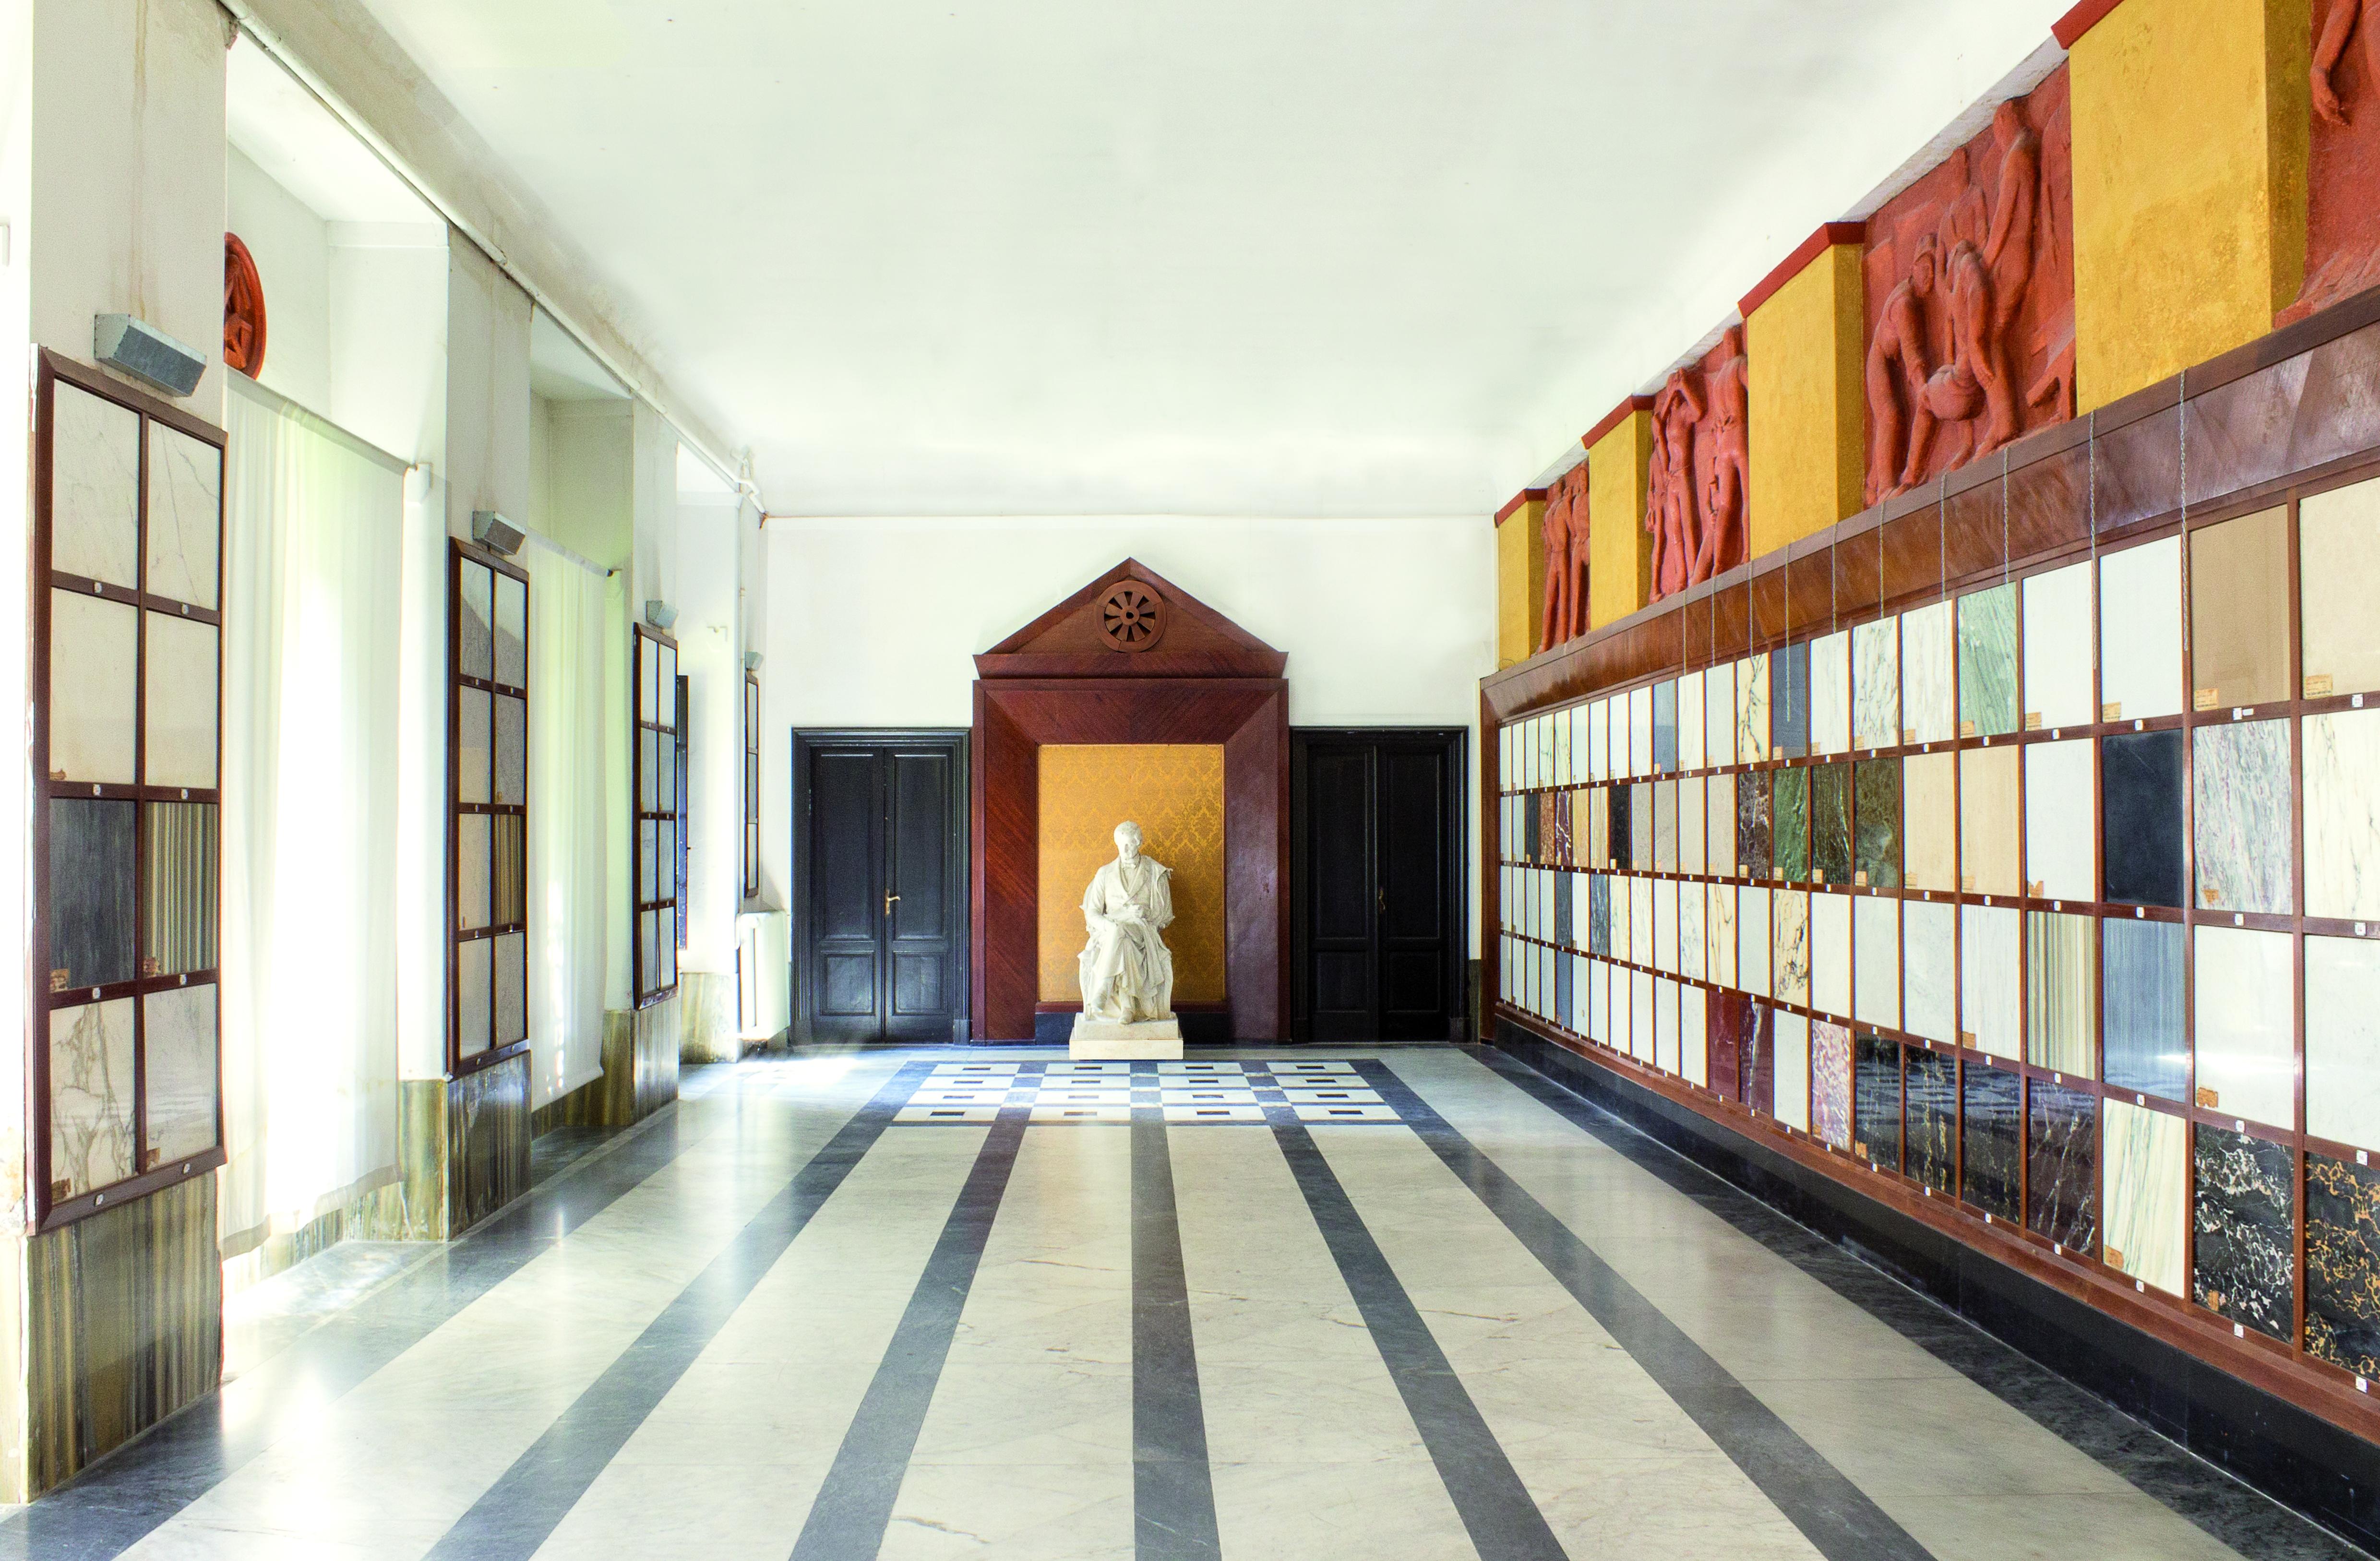 Accademia di Belle Arti di Carrara. Sala del campionario dei marmi. Foto: Gabriele Menconi